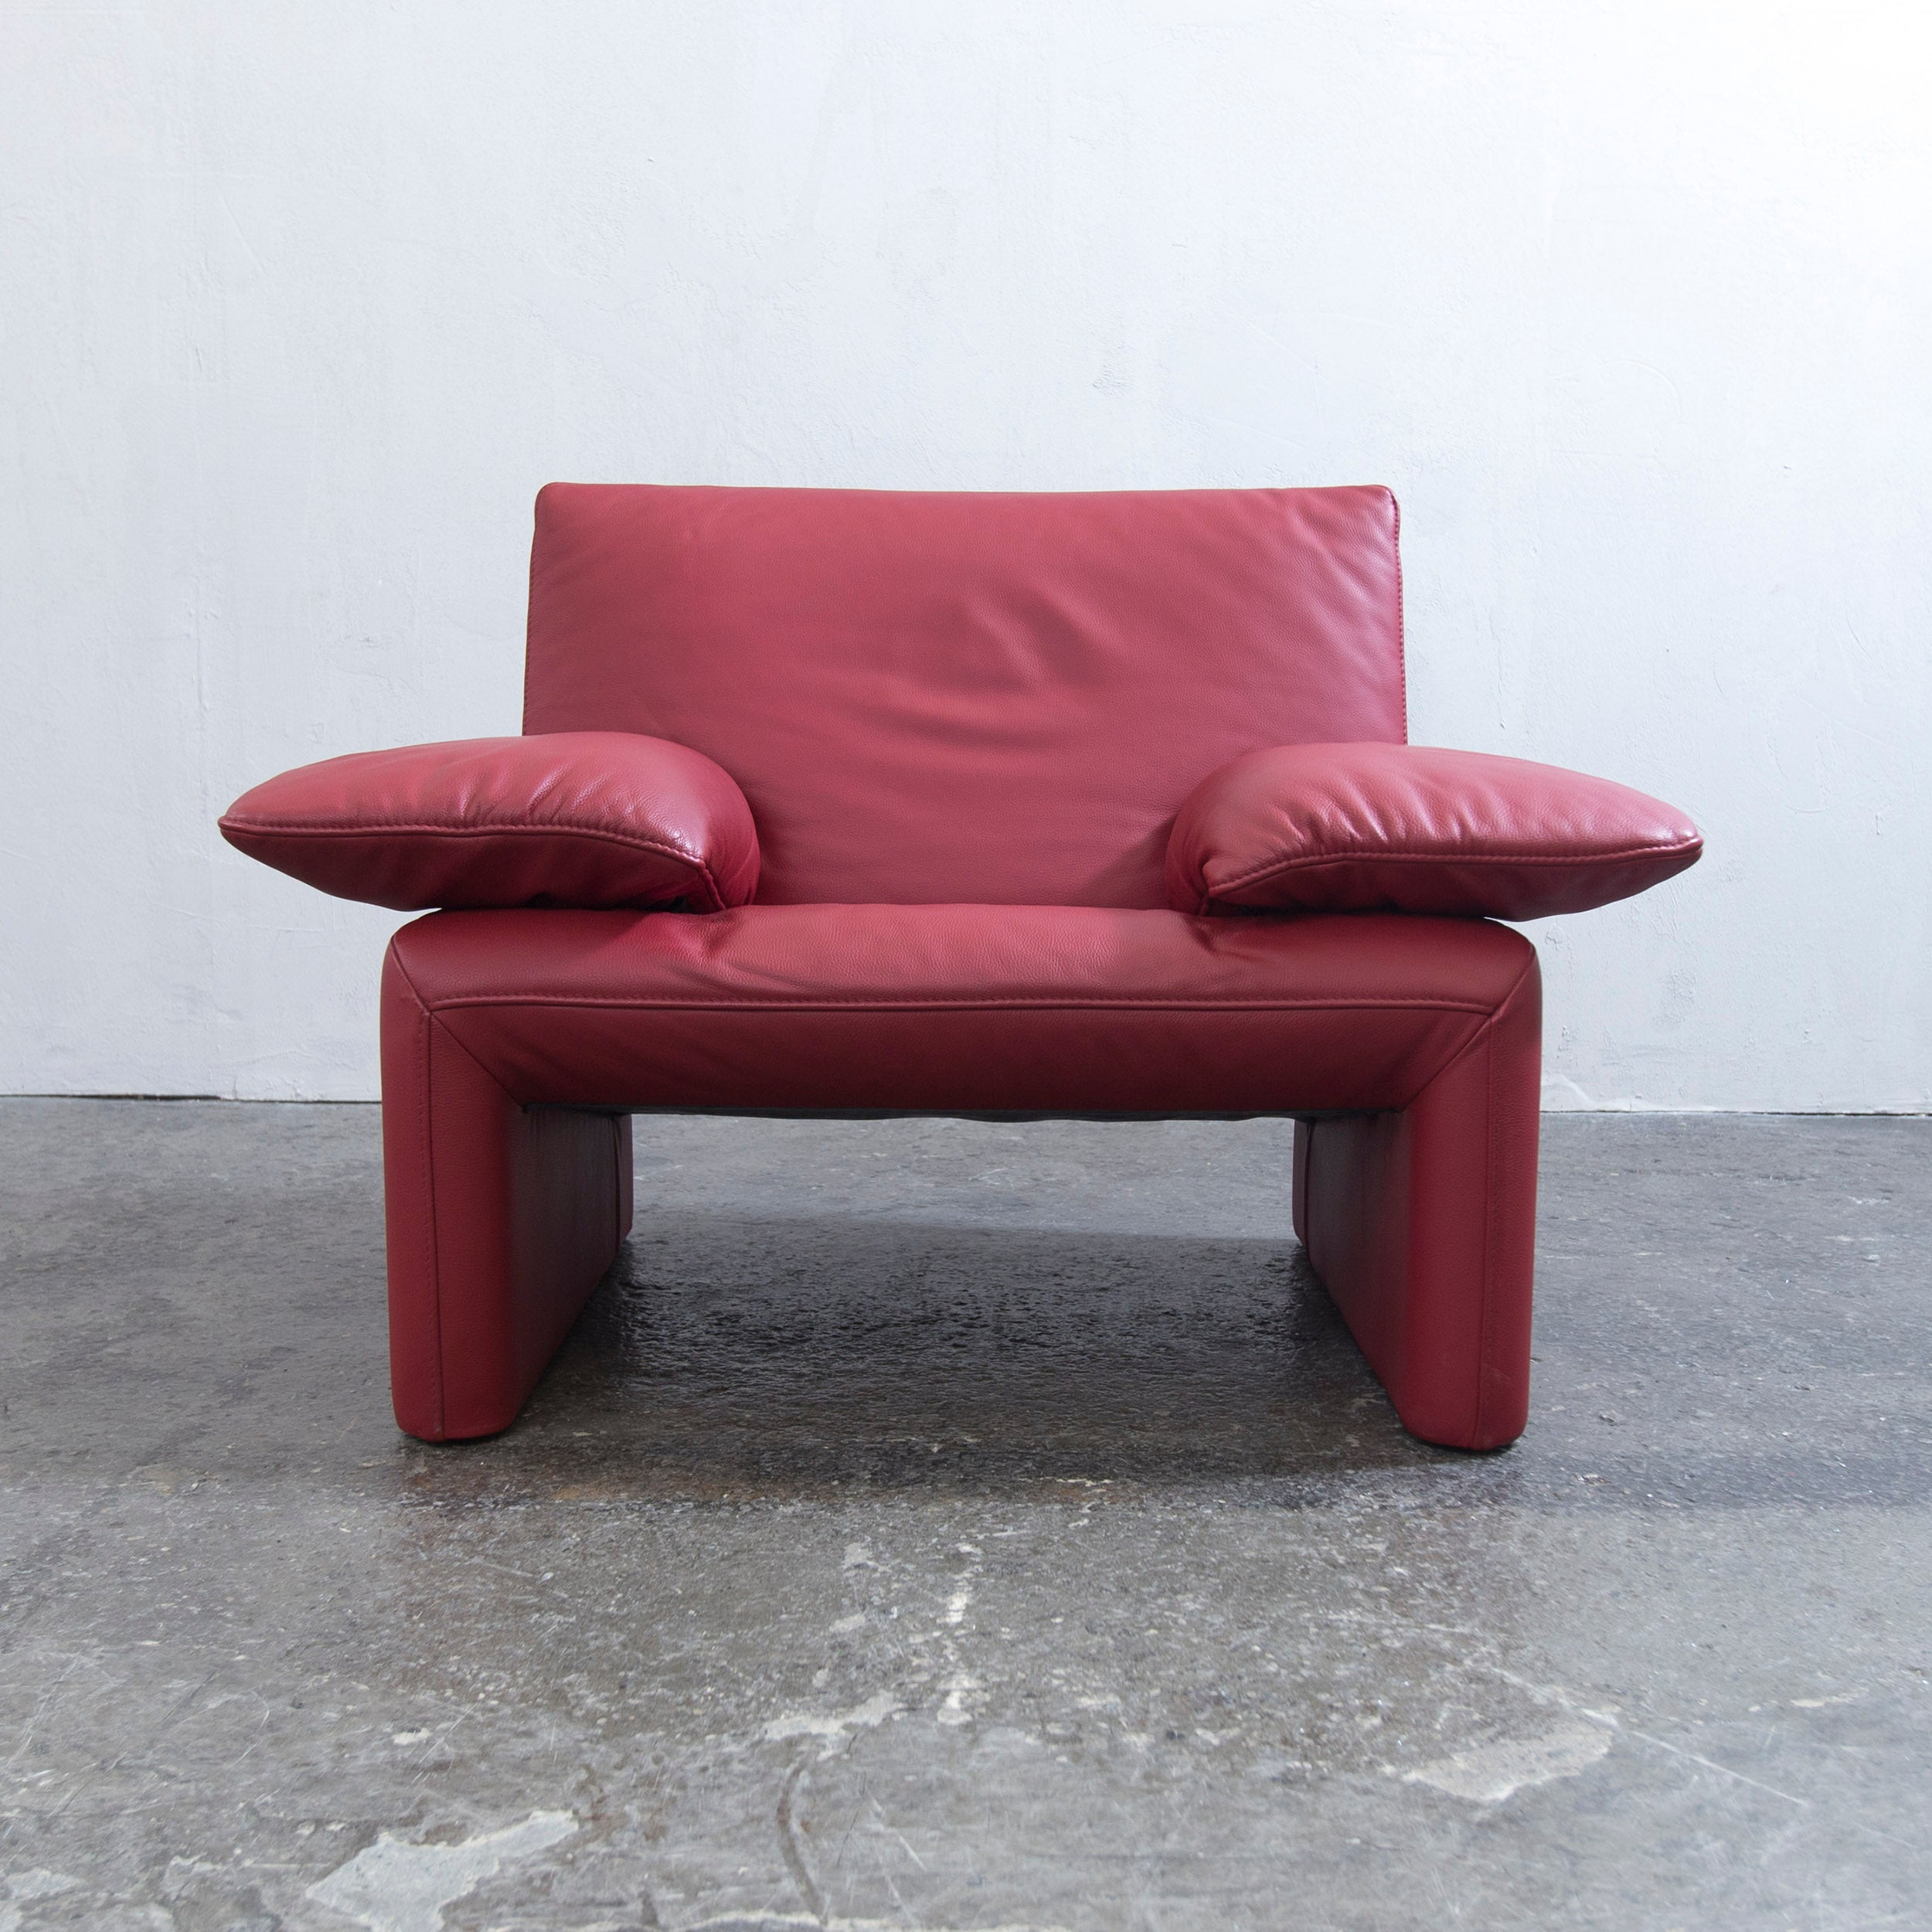 Entzückend Sofa Echtleder Galerie Von Jori Designer Sessel Rot Leder Einsitzer Couch